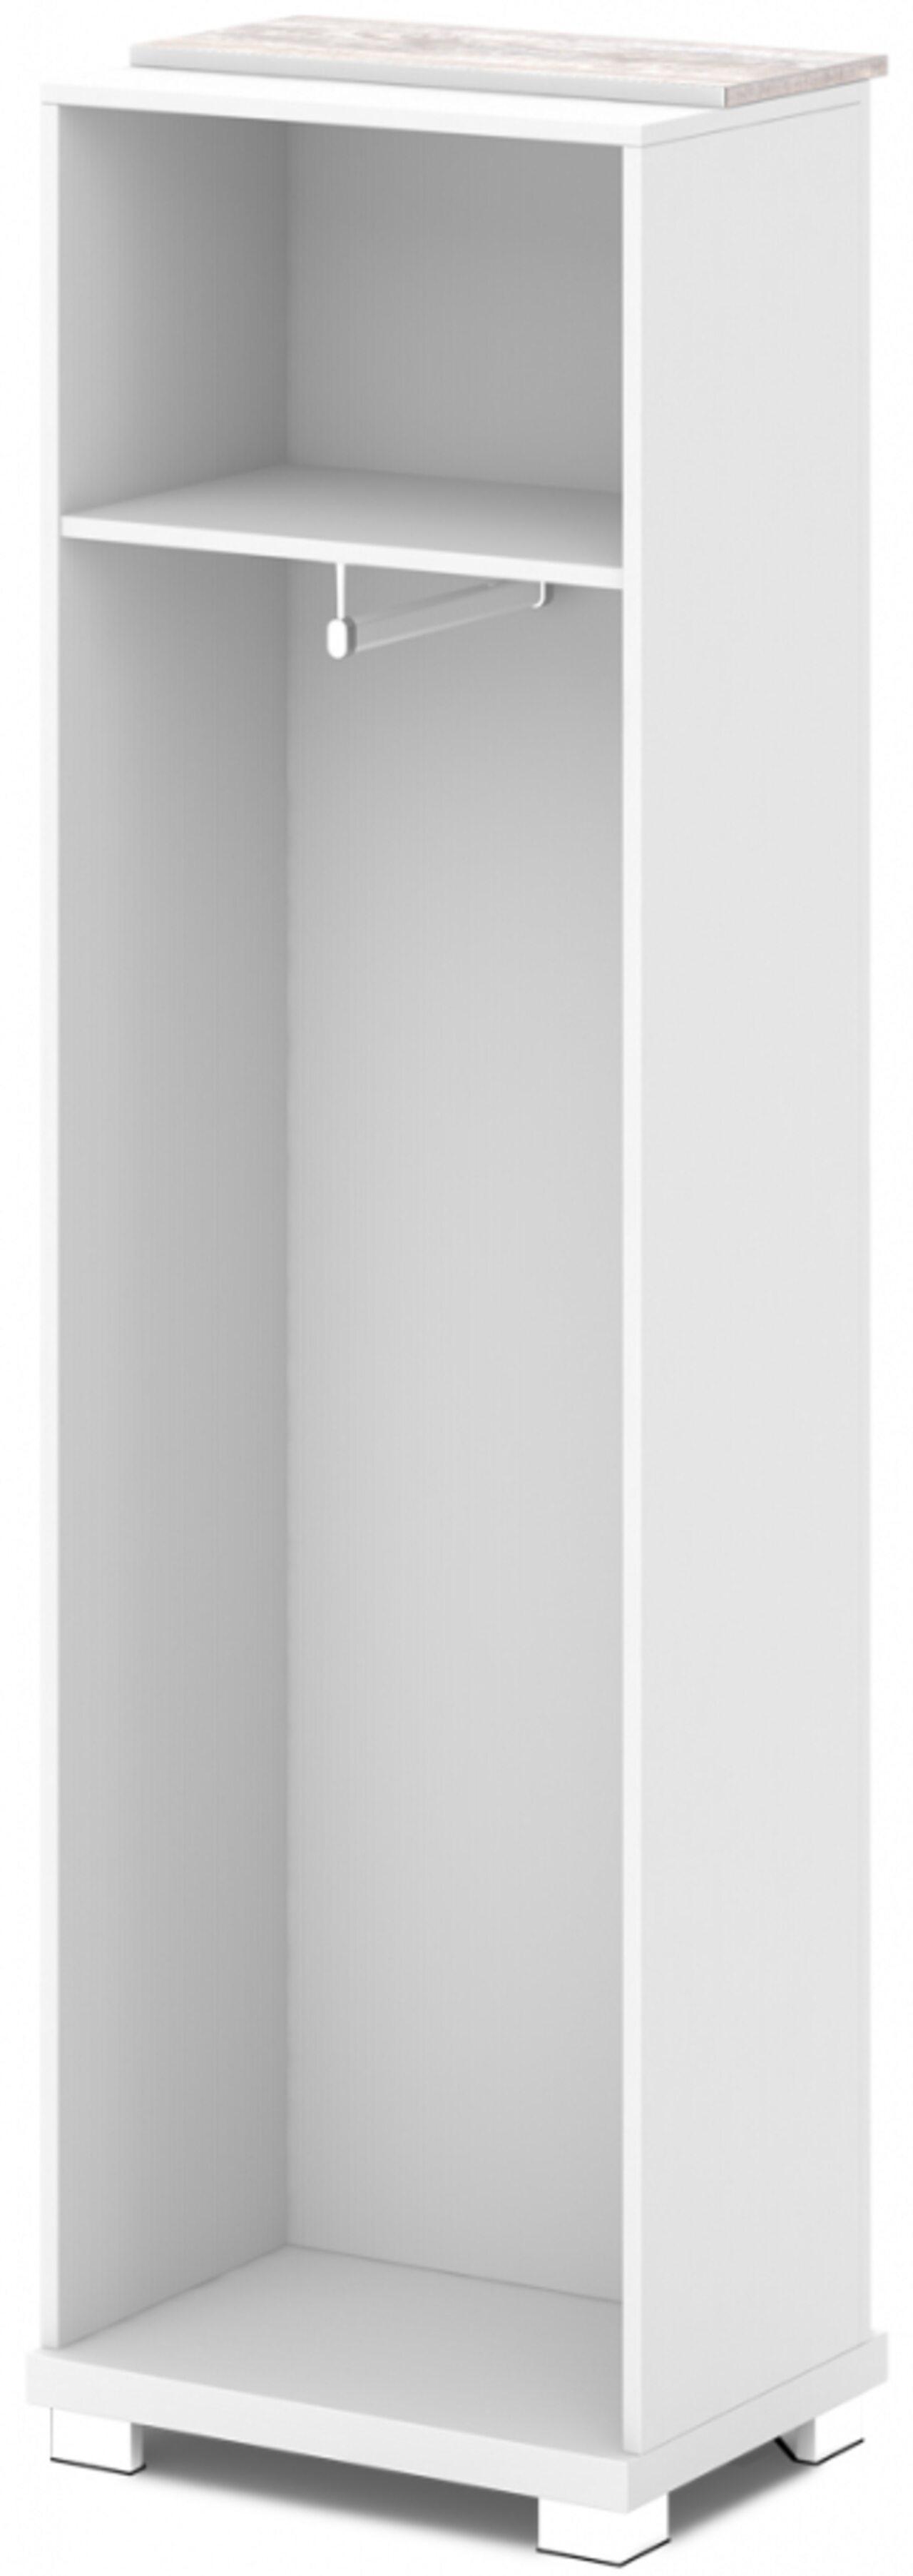 Каркас шкафа для одежды центральный - фото 1